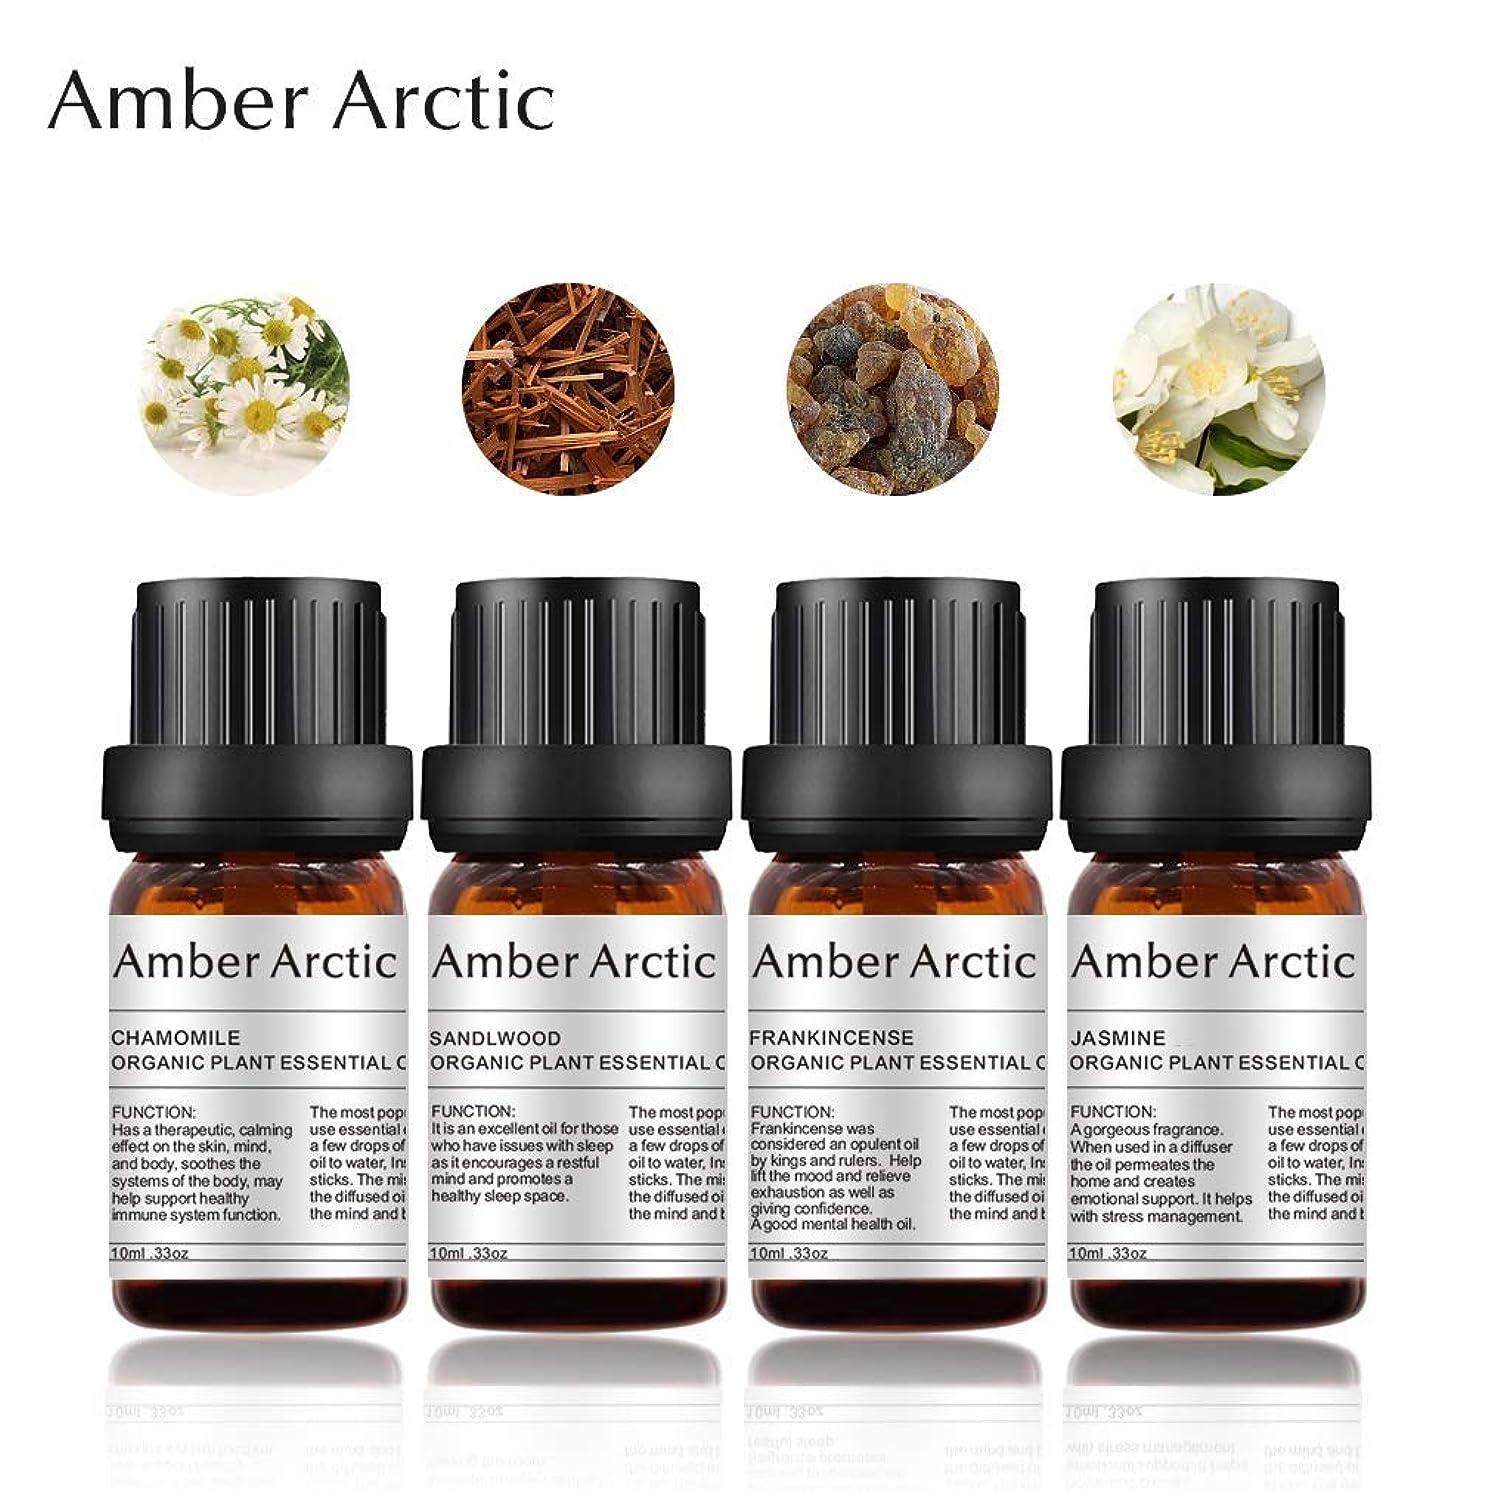 補償ナット交差点Amber Arctic 4 パック 精油 セット、 100% 純粋 天然 アロマ 最良 治療 グレード エッセンシャル オイル (ジャスミン、 カモミール、 サンダルウッド、 フランキンセンス)